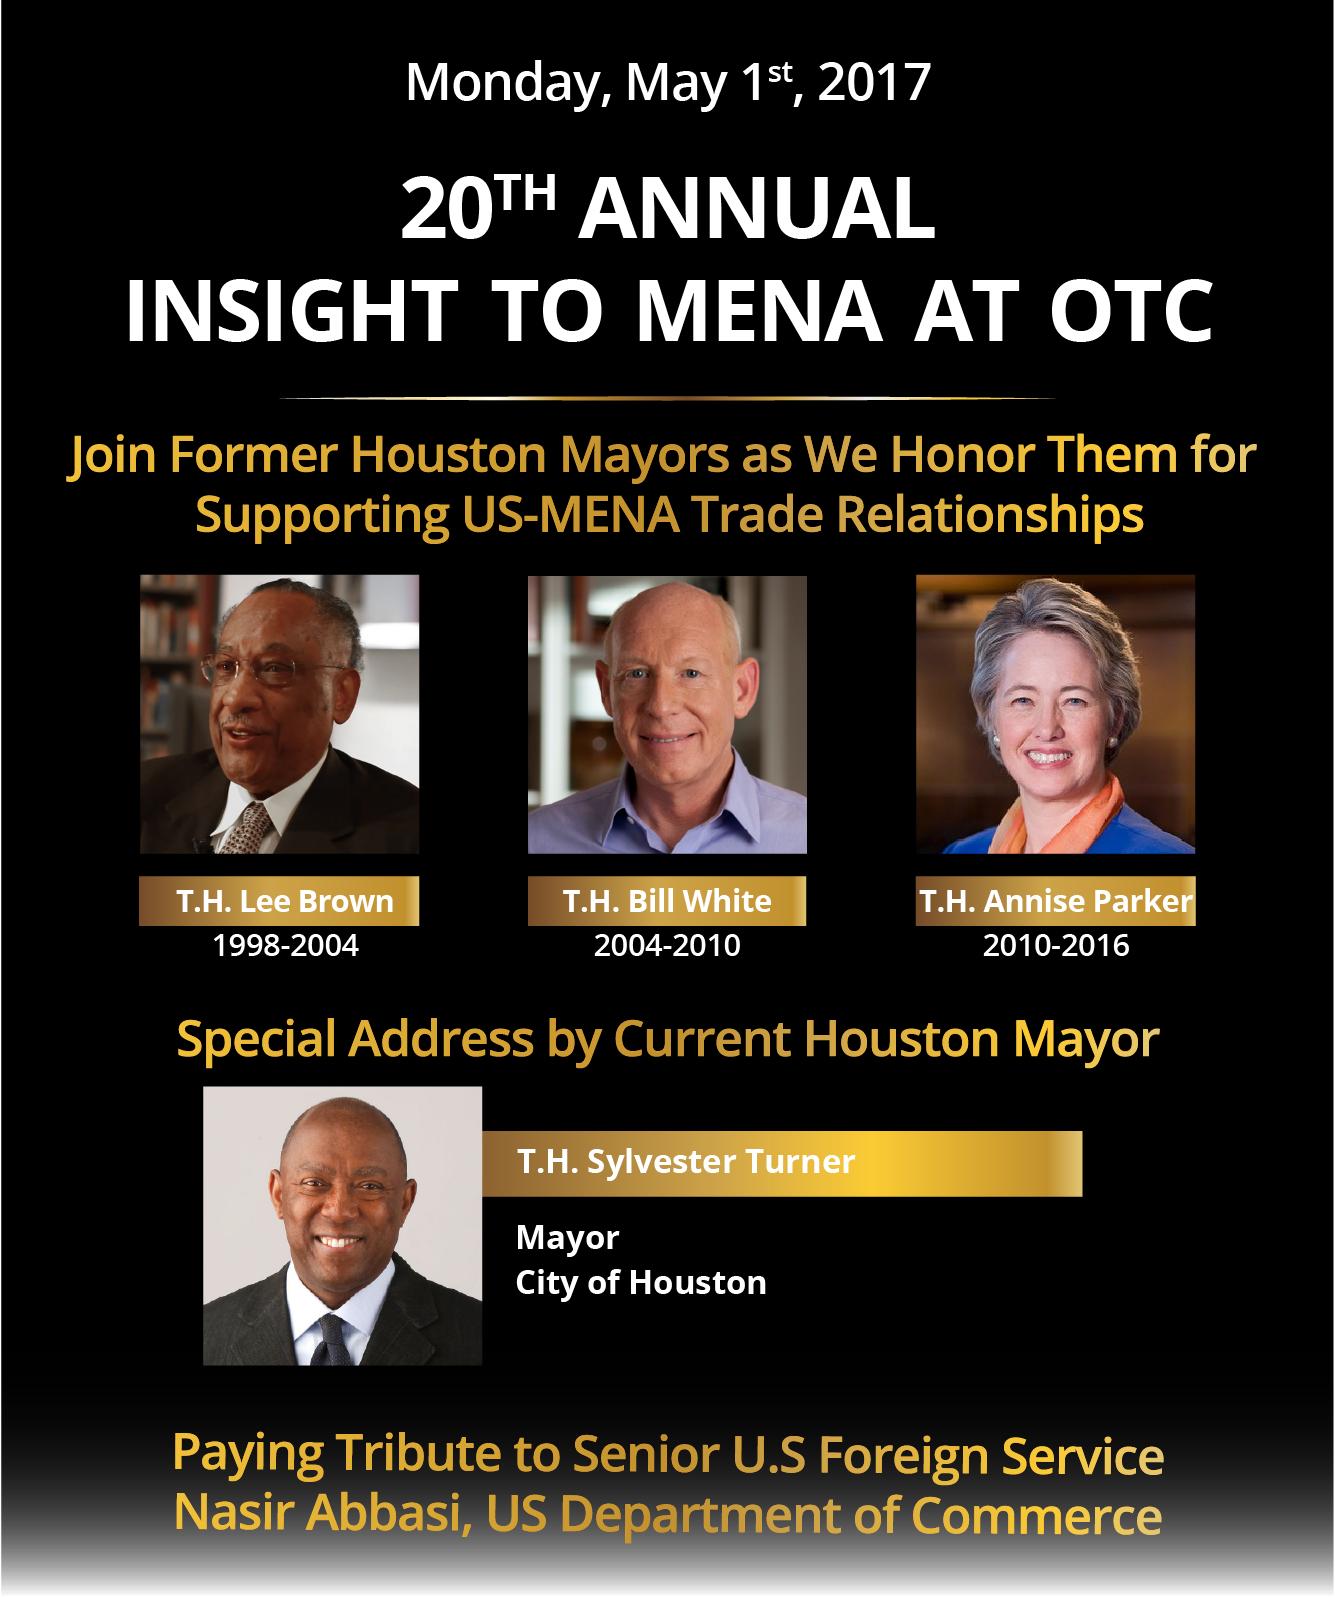 2017 OTC inviteotc3-10